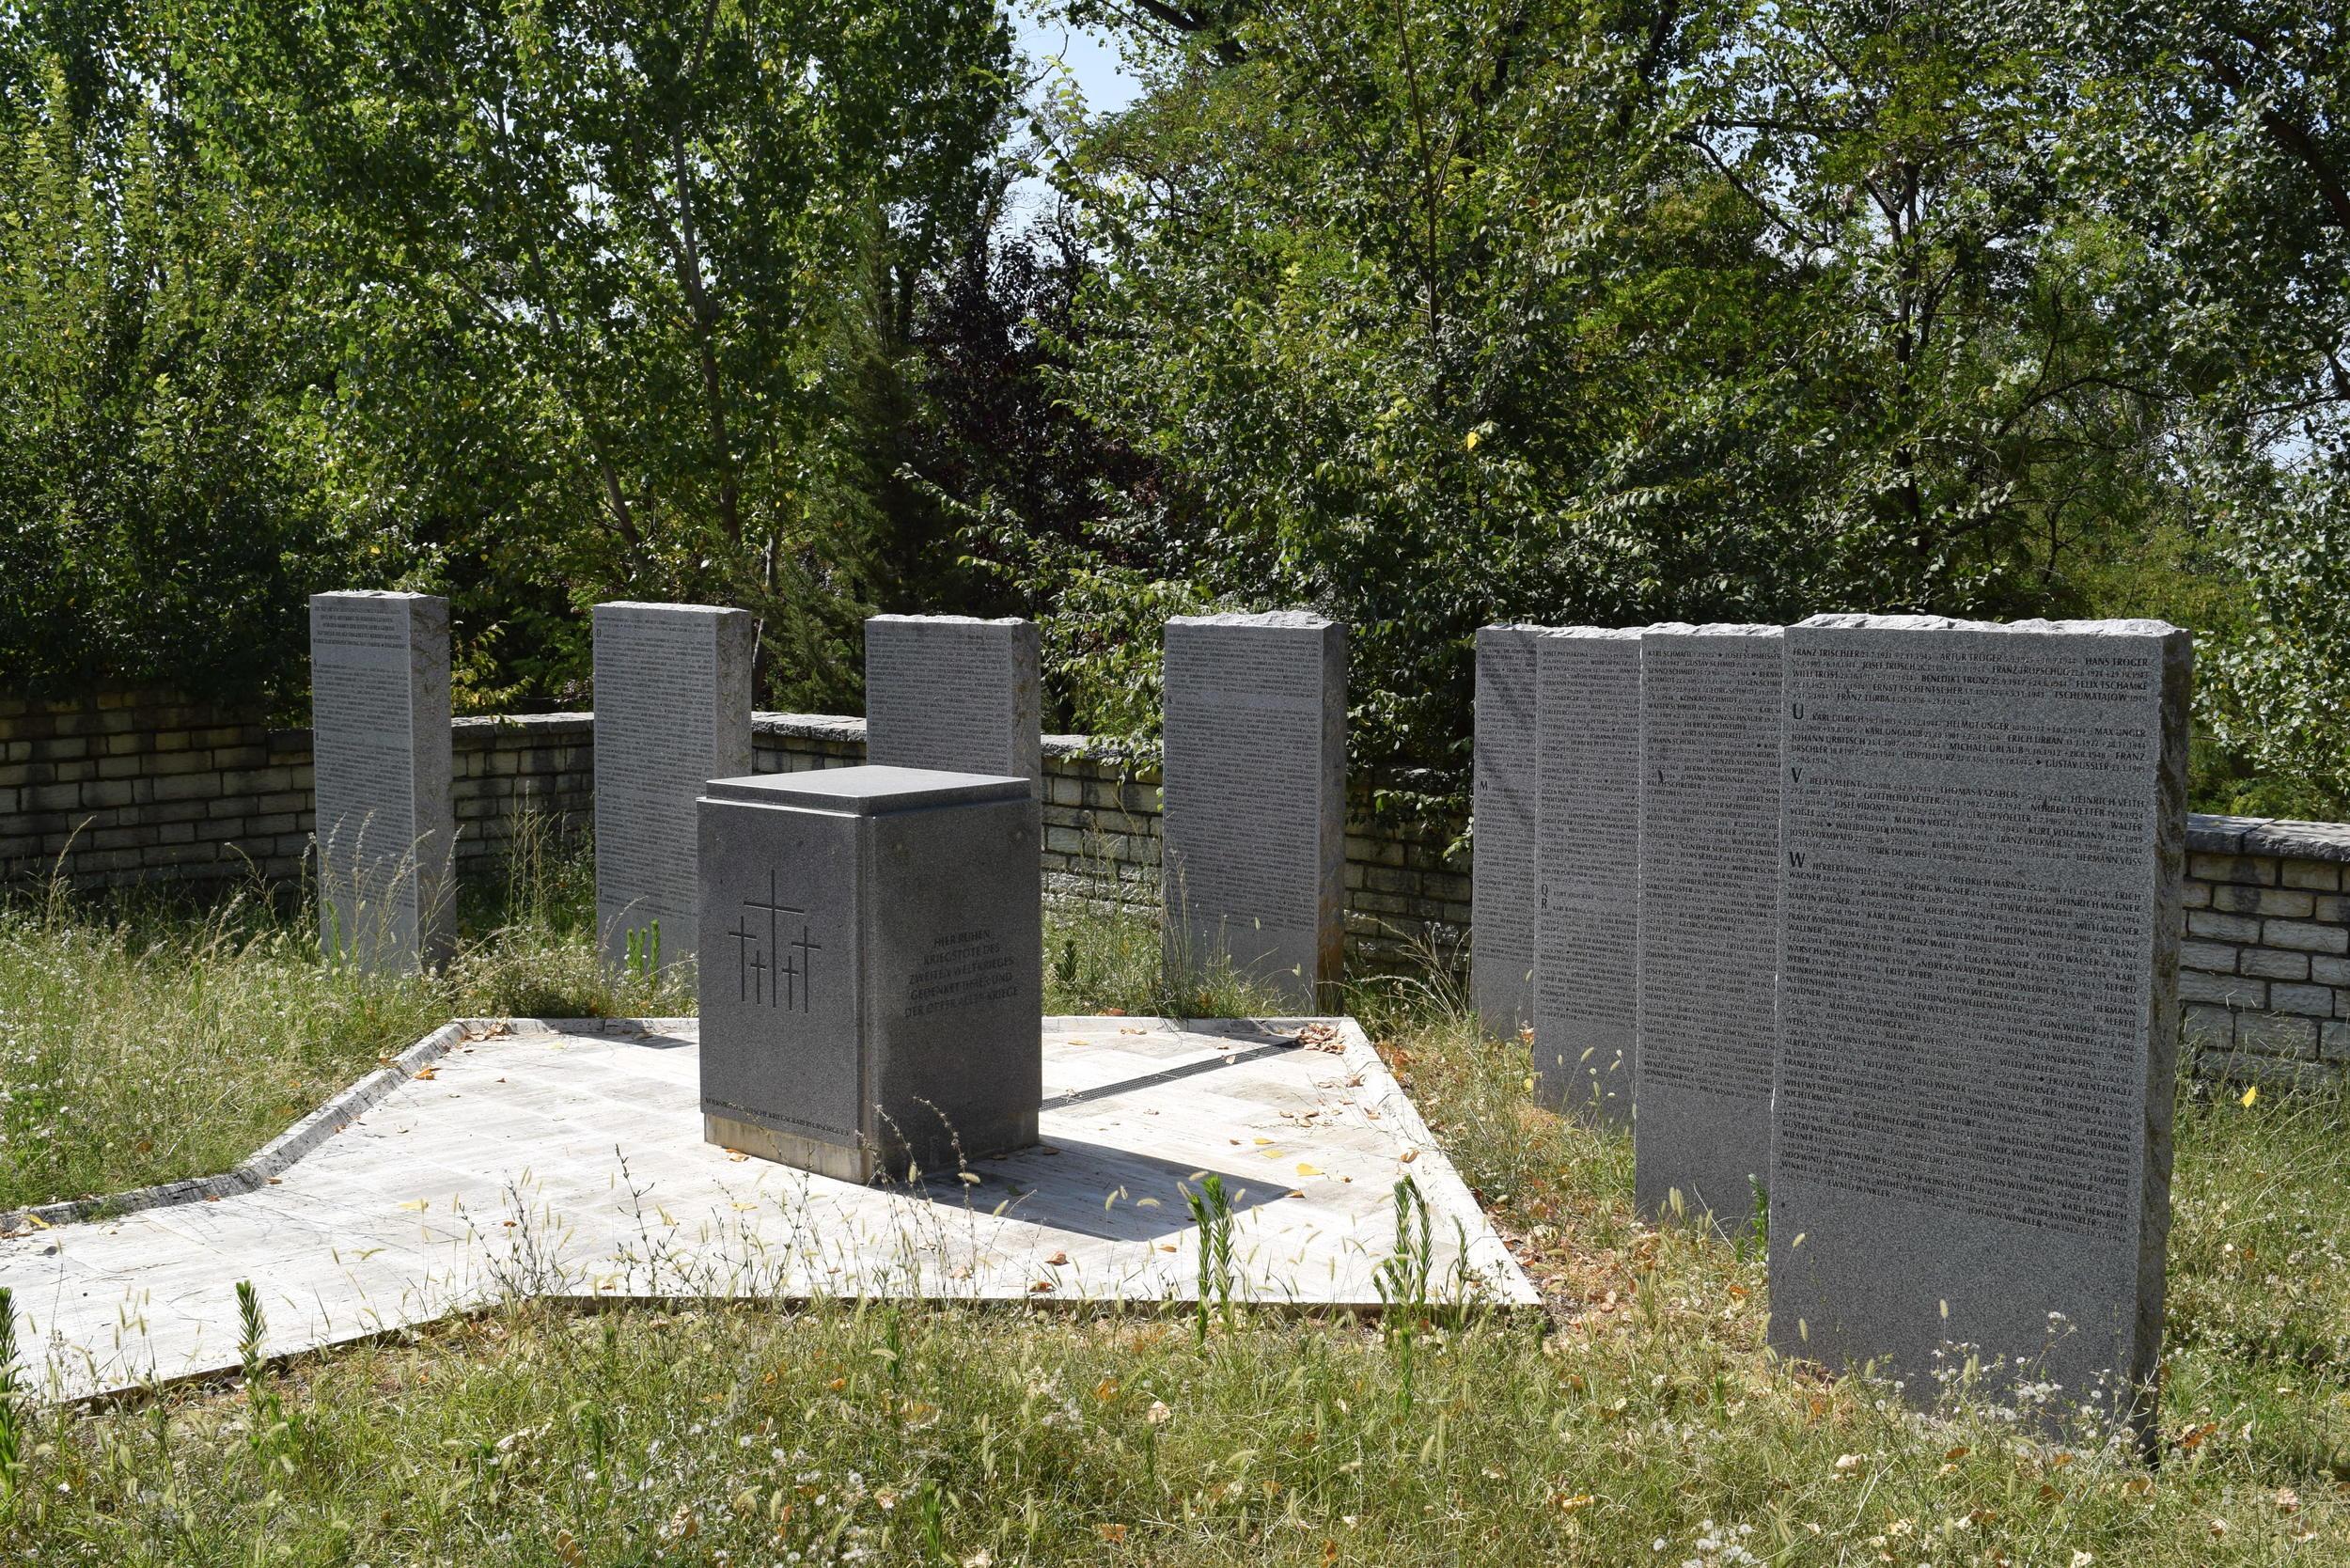 The German war memorial